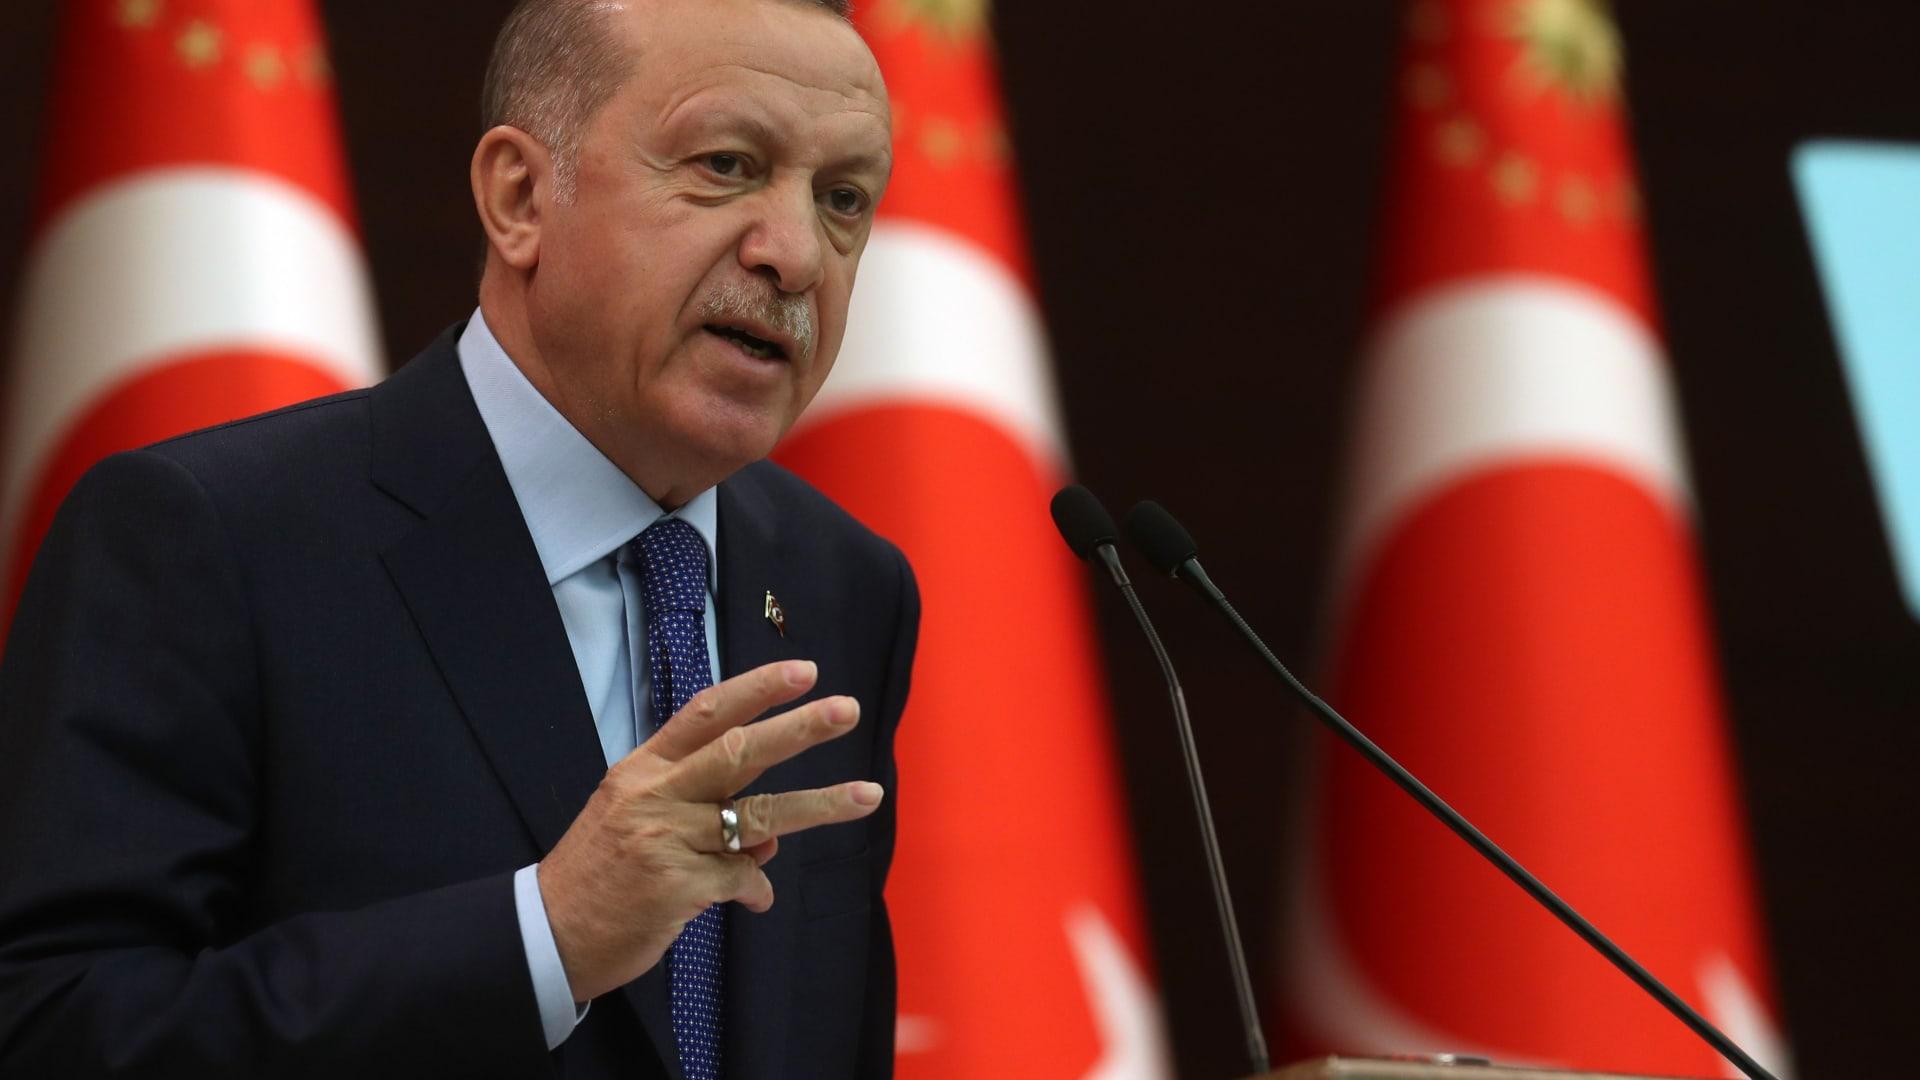 """خوفاً من فيروس كورونا.. أردوغان يتجنب مصافحة أمين عام """"الناتو"""""""